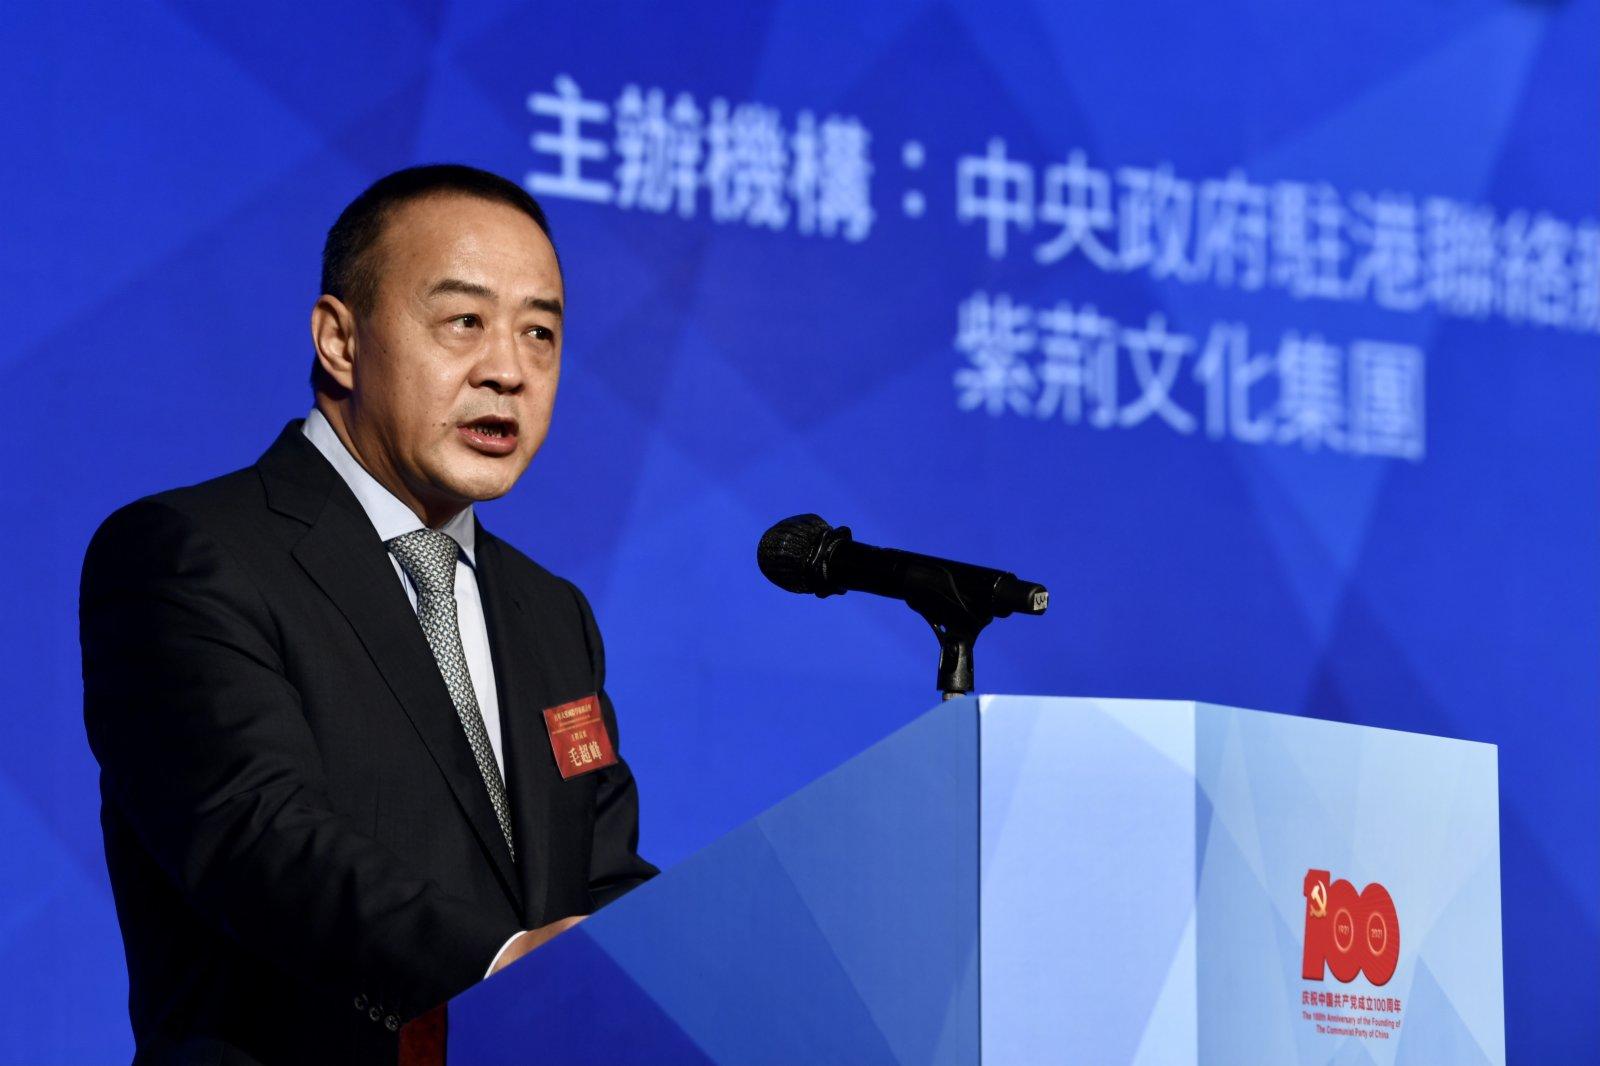 圖為紫荊文化集團董事長毛超峰致辭。 (中新社)